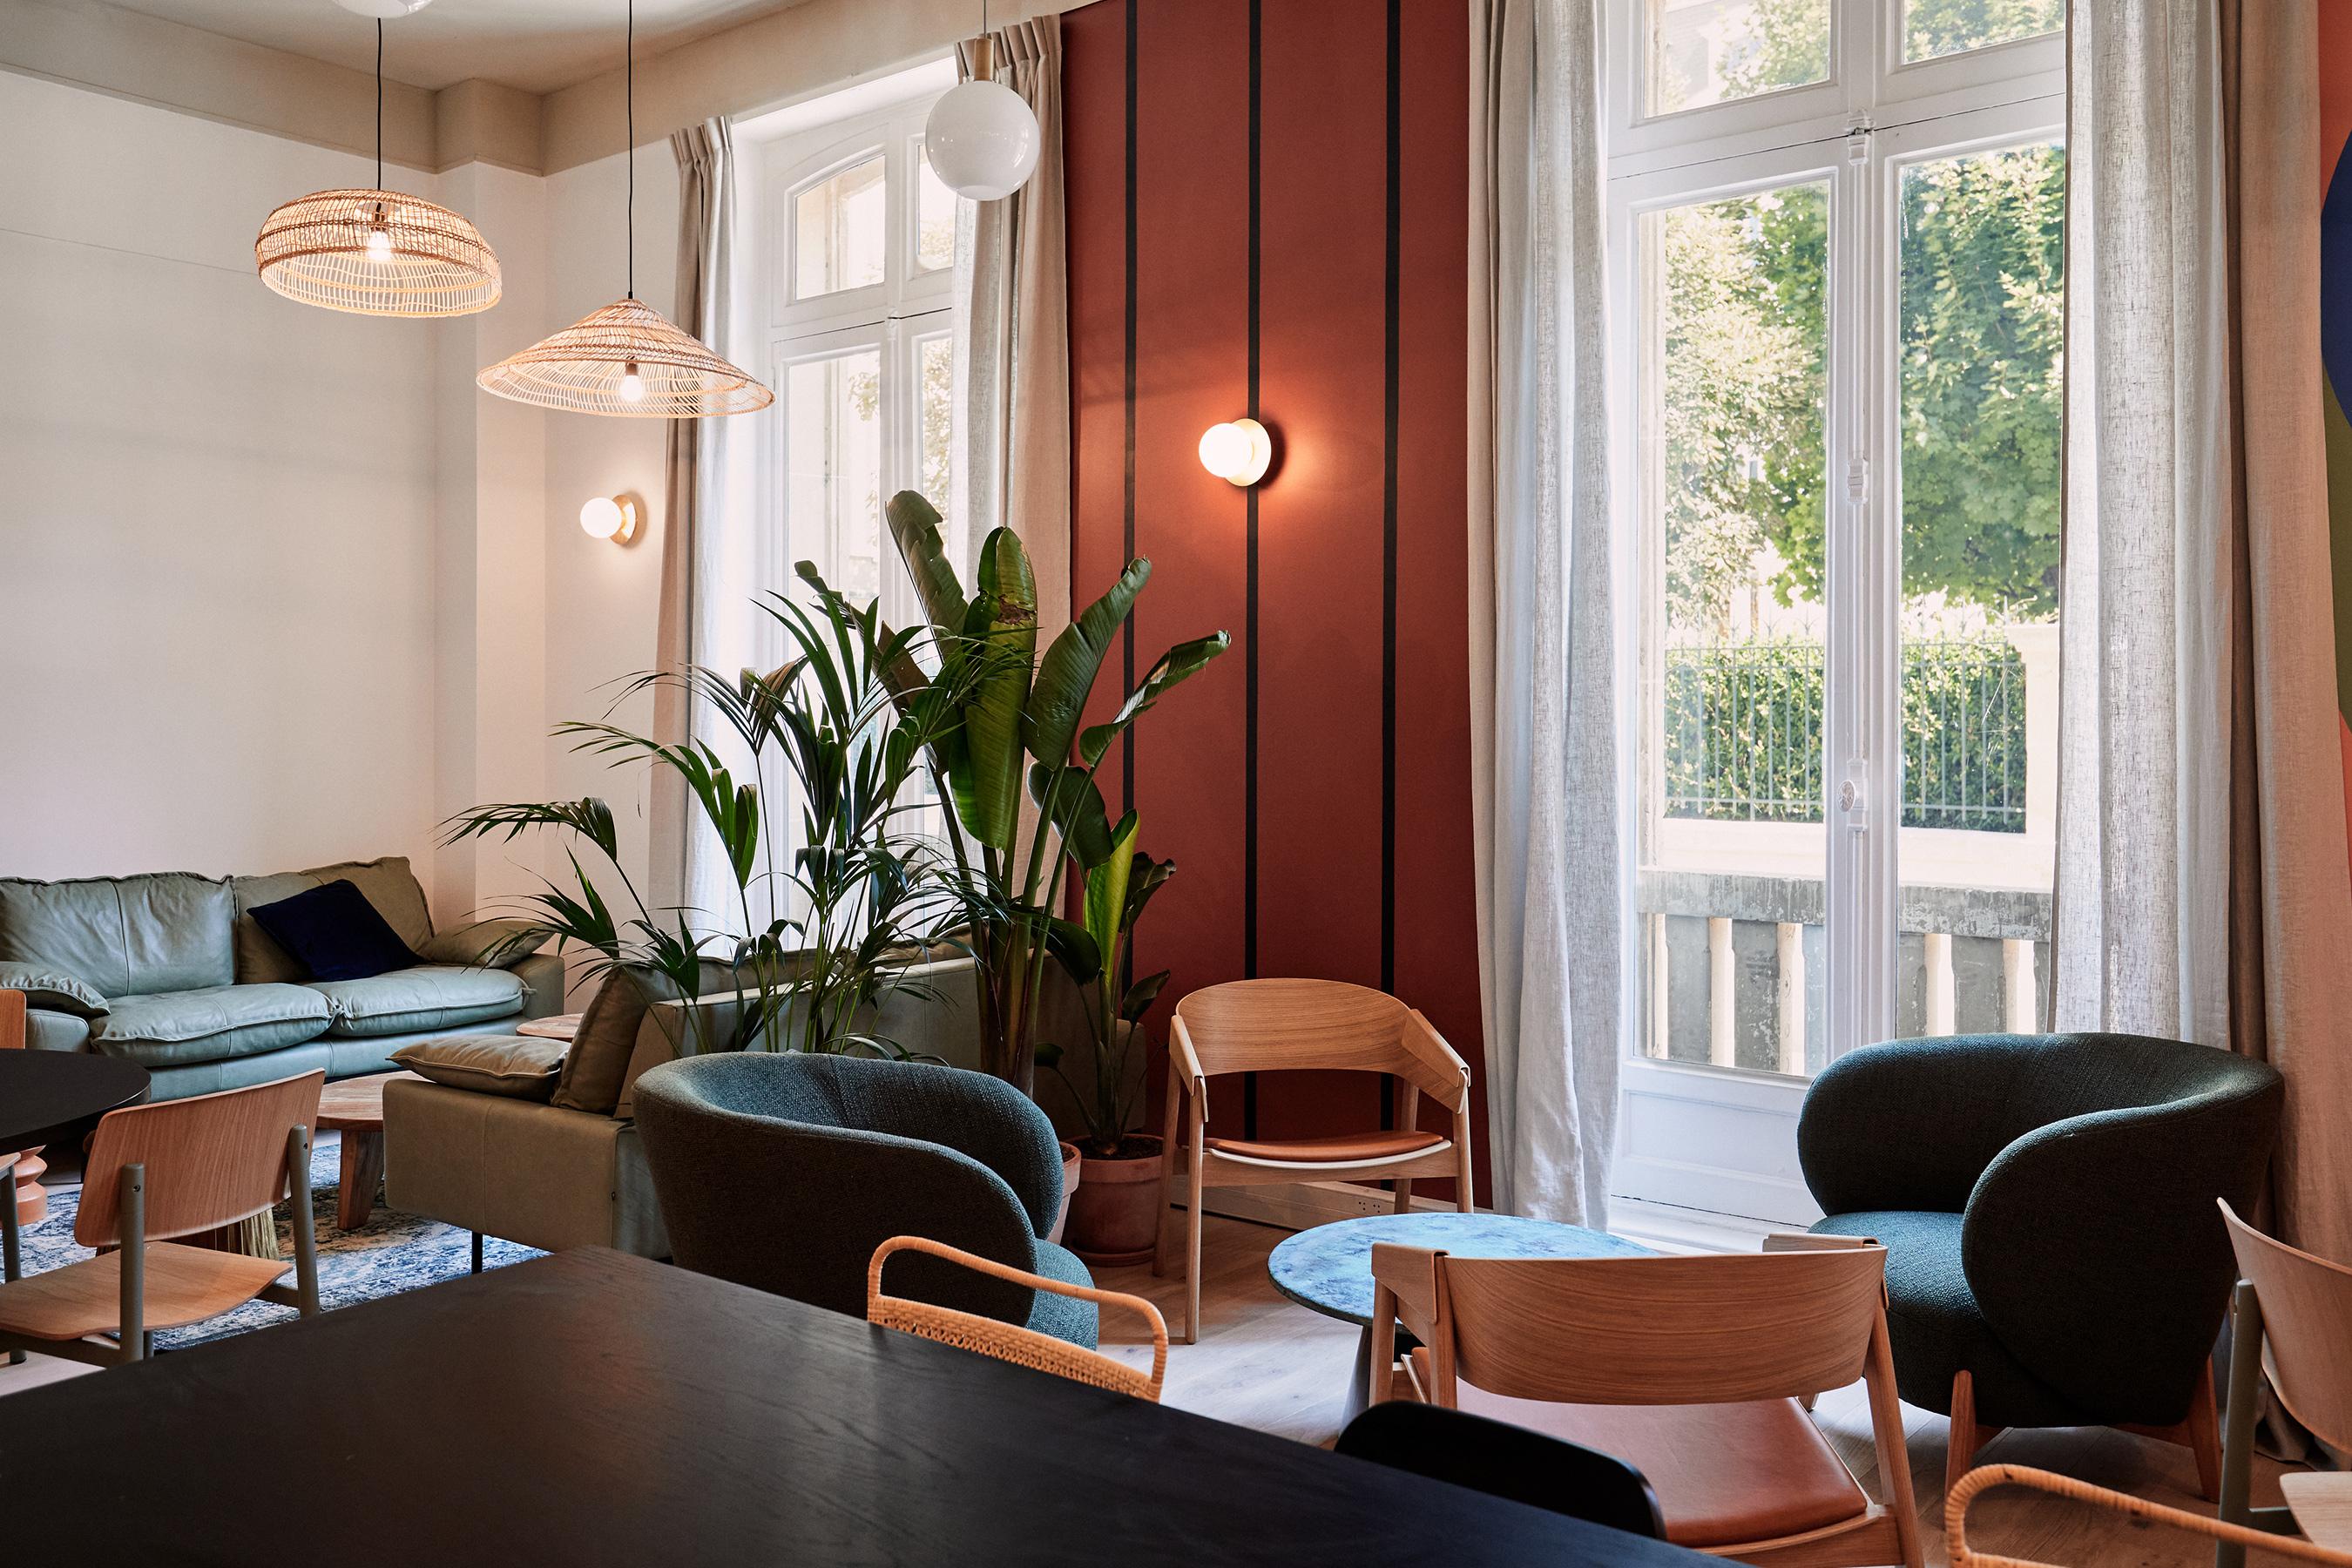 Aménagement espace bureau - salle commune conviviale